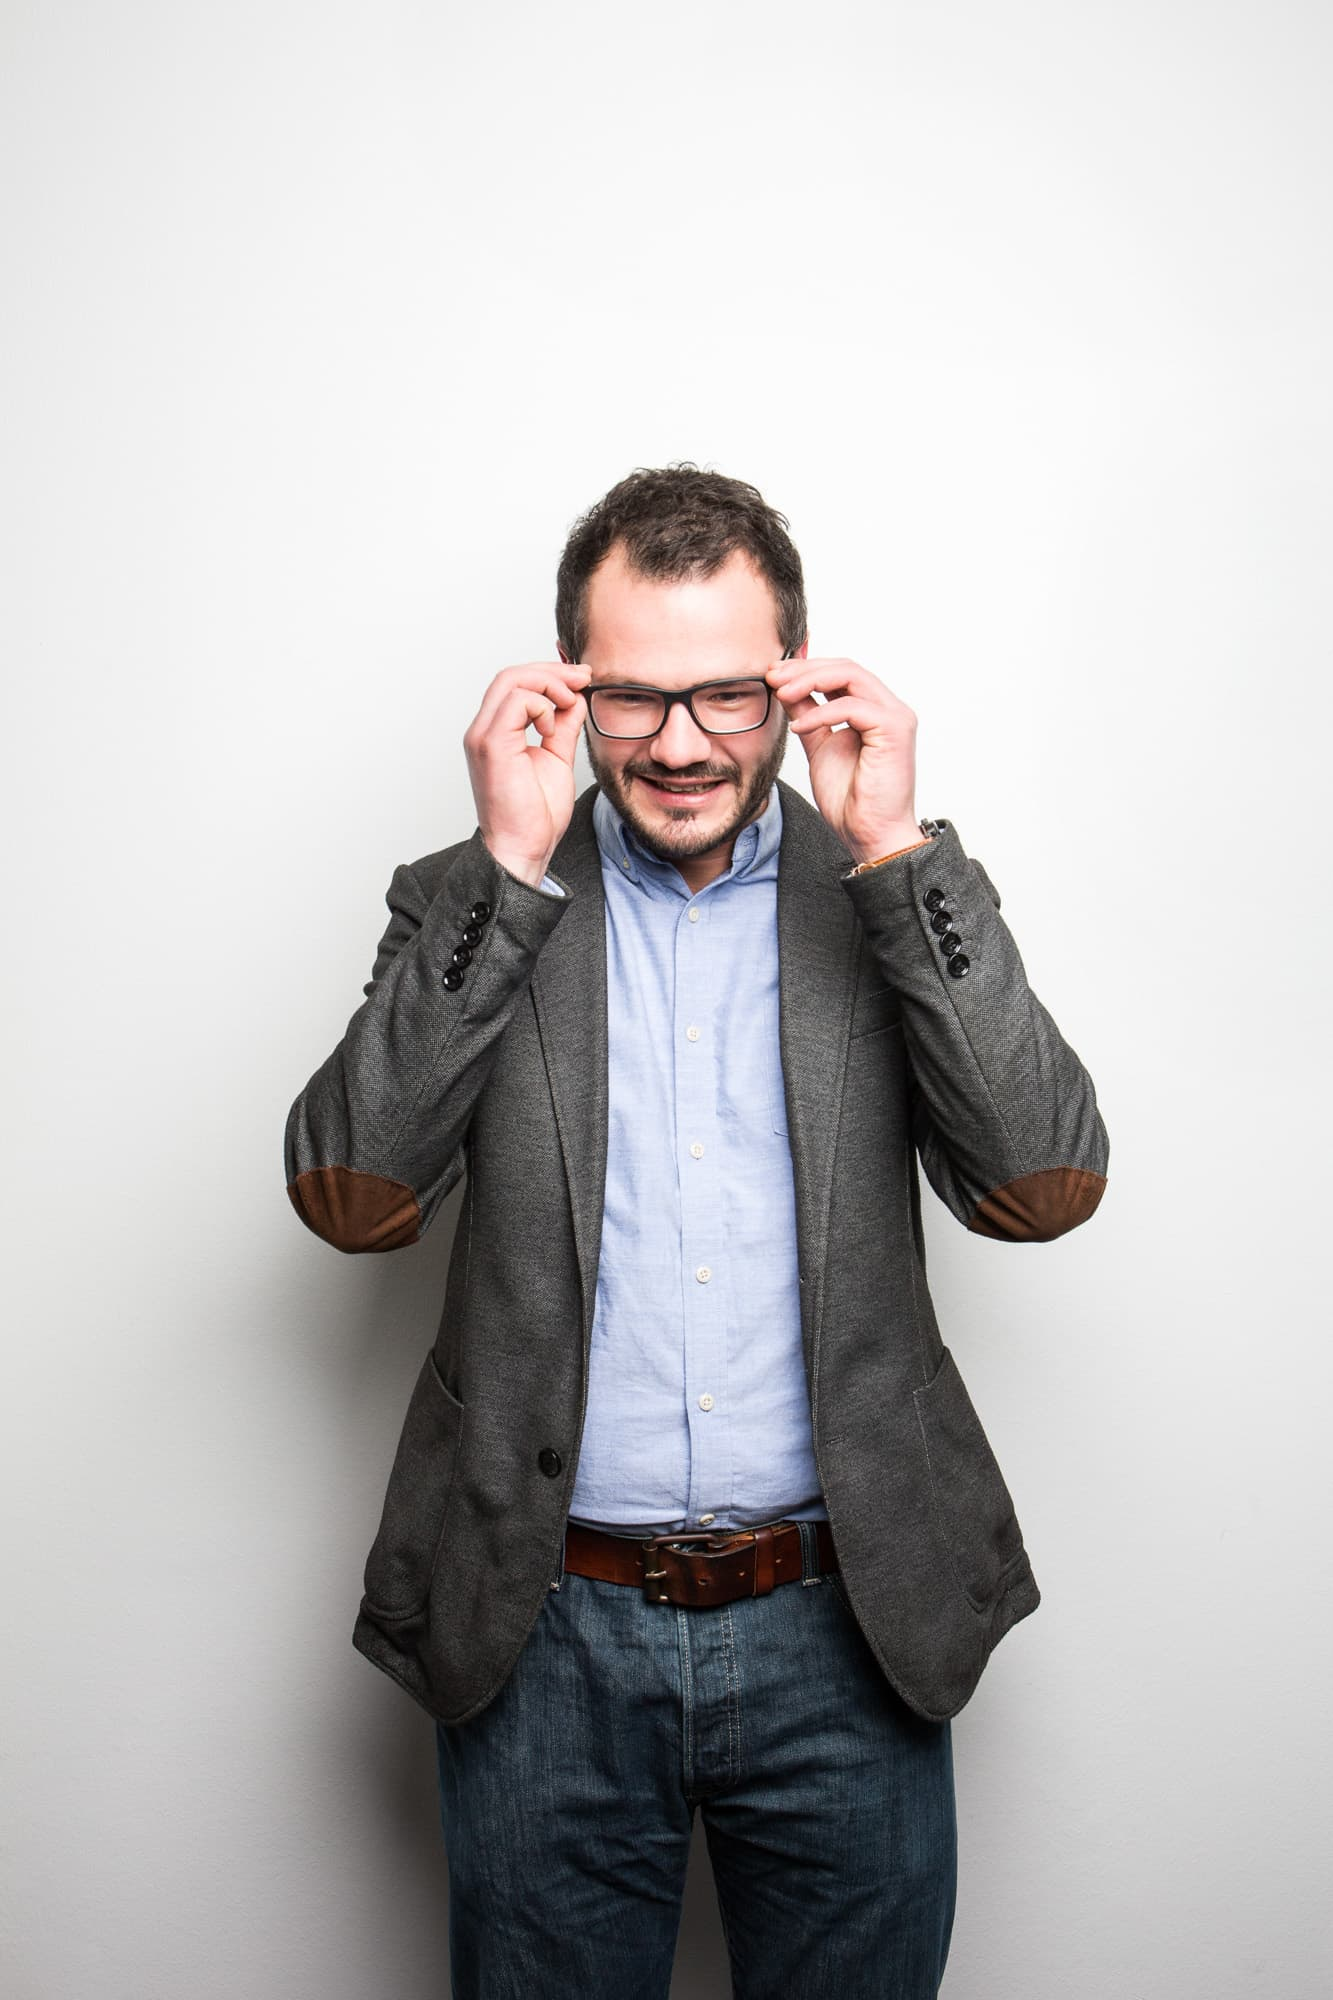 Prof. Robert Böhm richtet sich die Brille vor weißer Wand